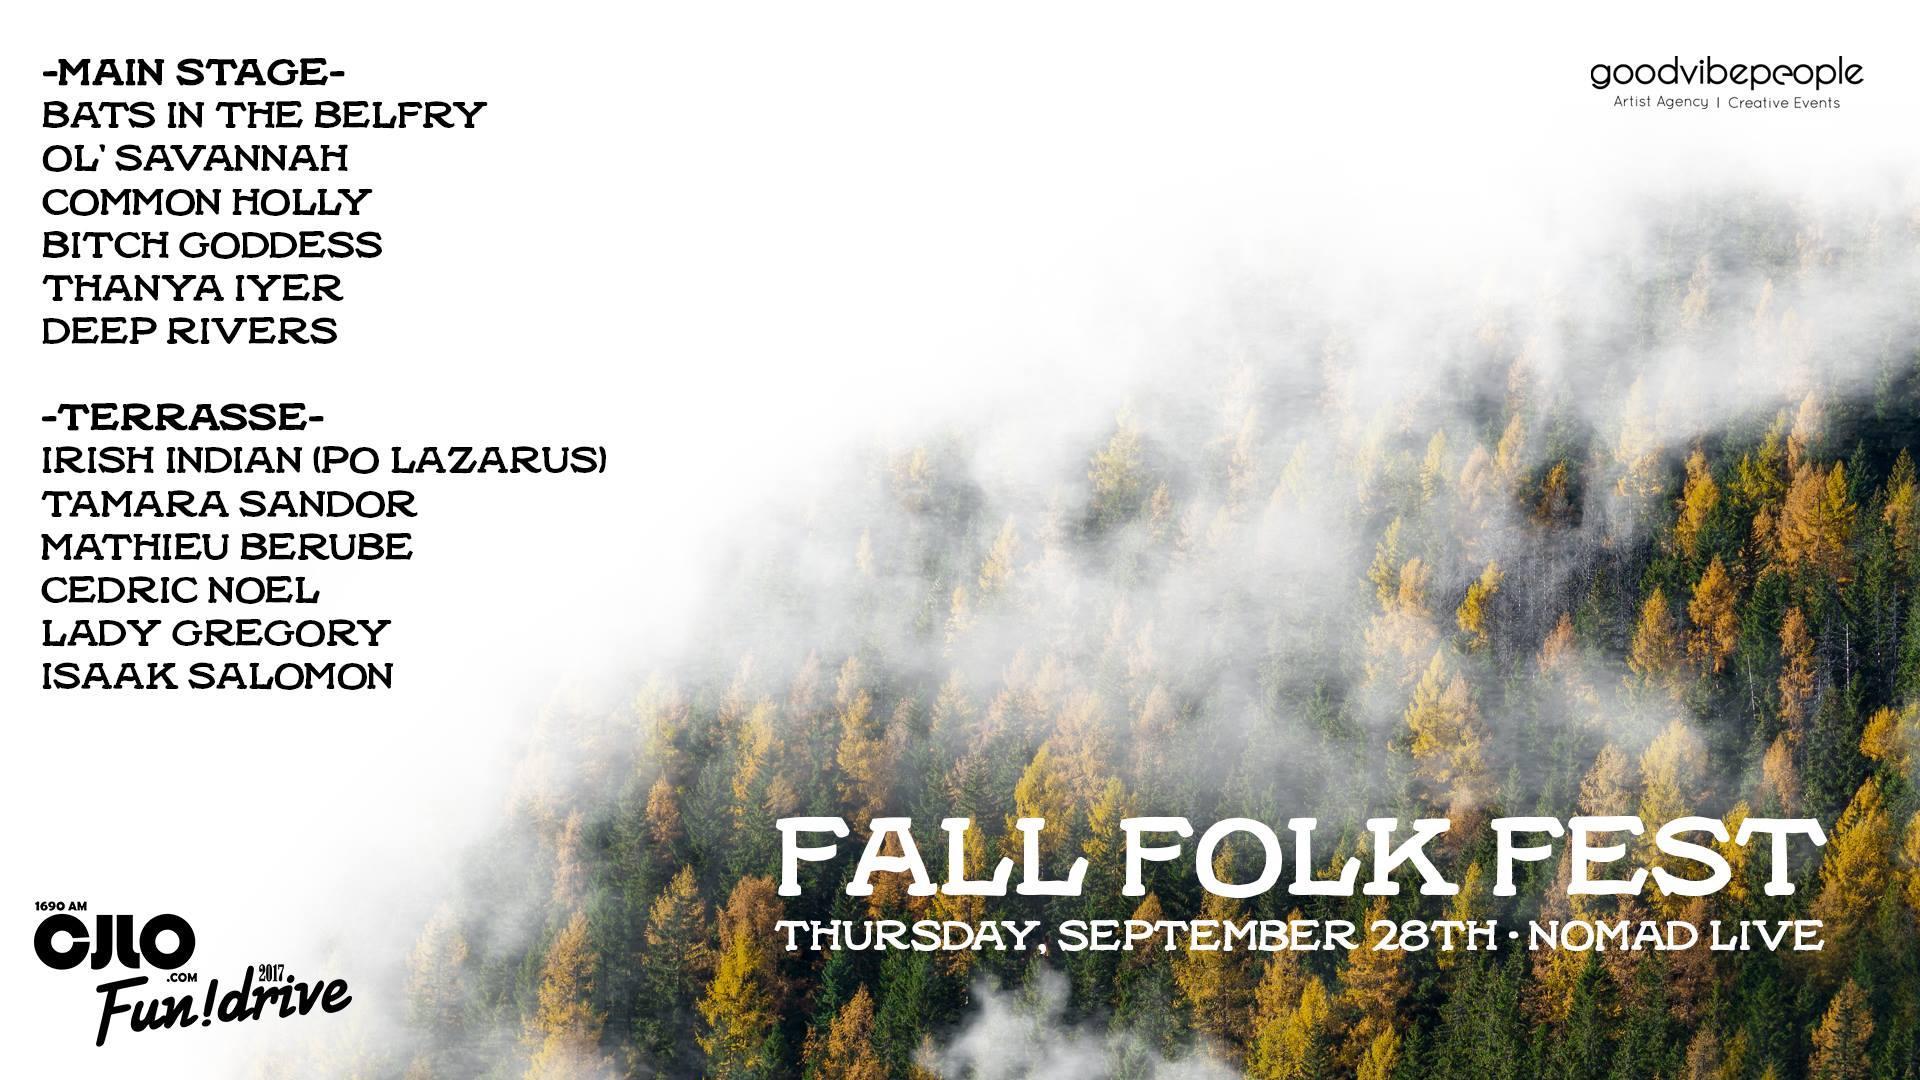 Fall Folk Fest